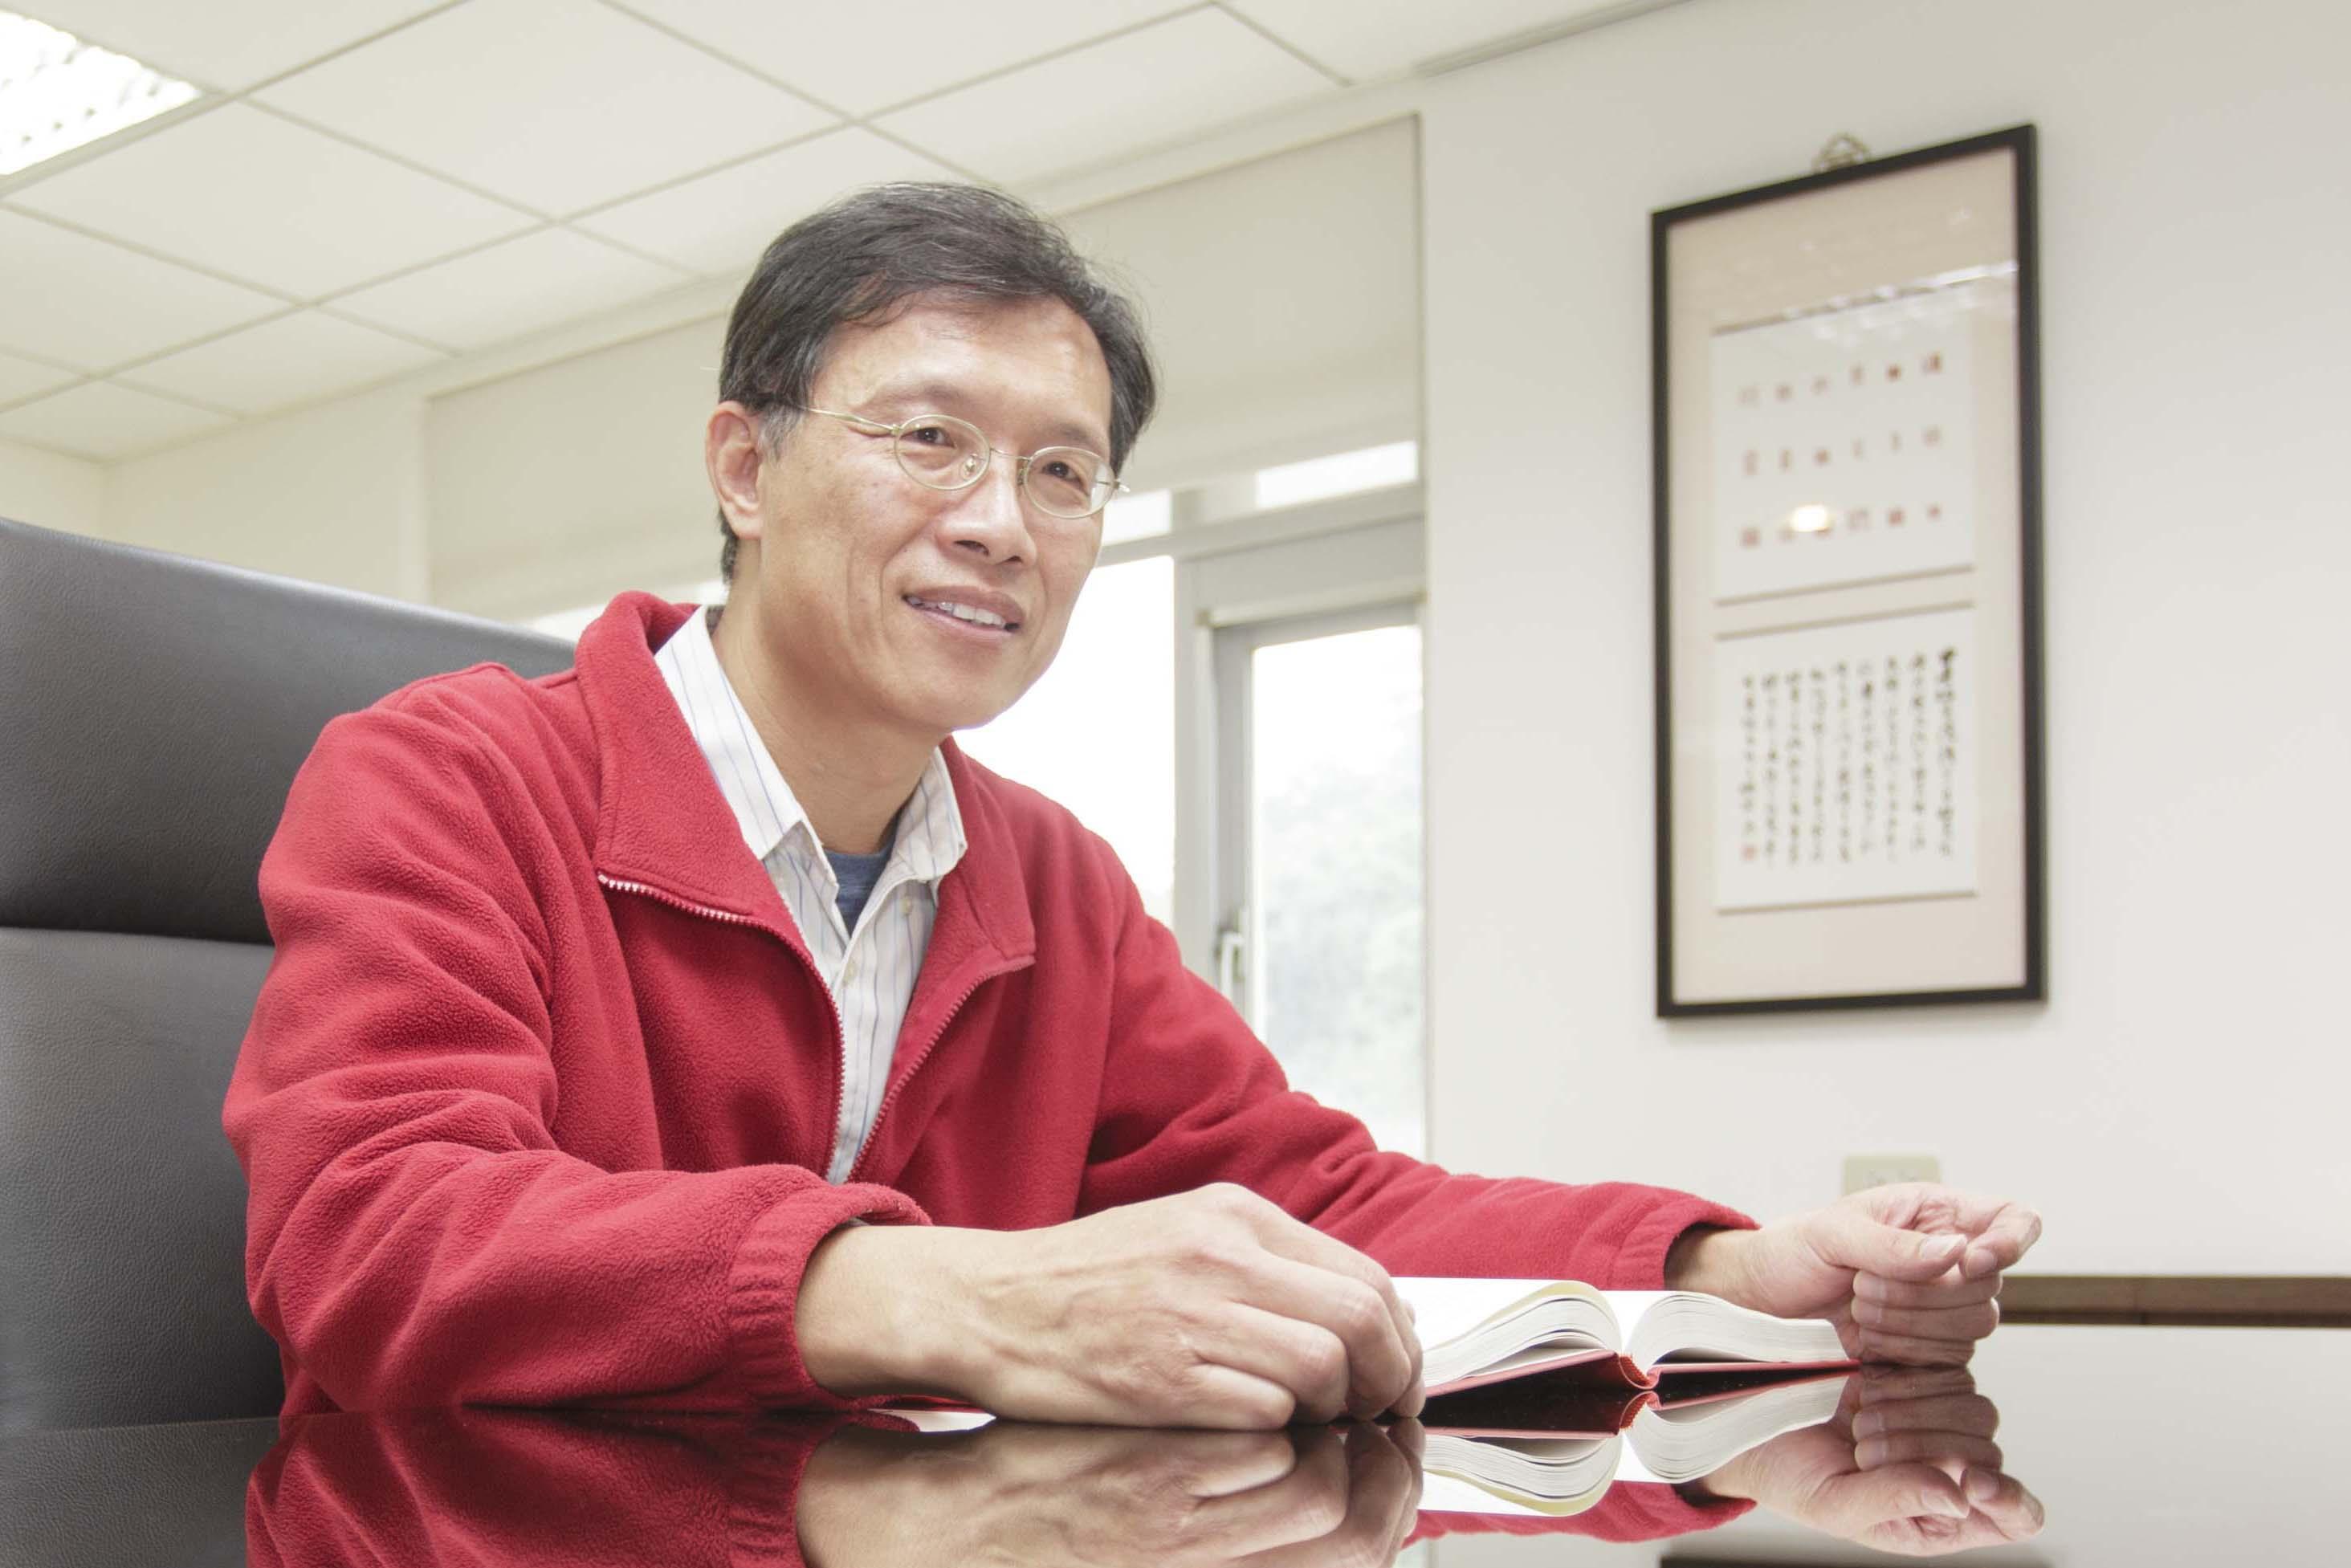 擔任中研院語言學研究所所長的林若望,研究語言學已經將近卅年,是國內少數精研「語意學」領域的學者。 攝影│張語辰